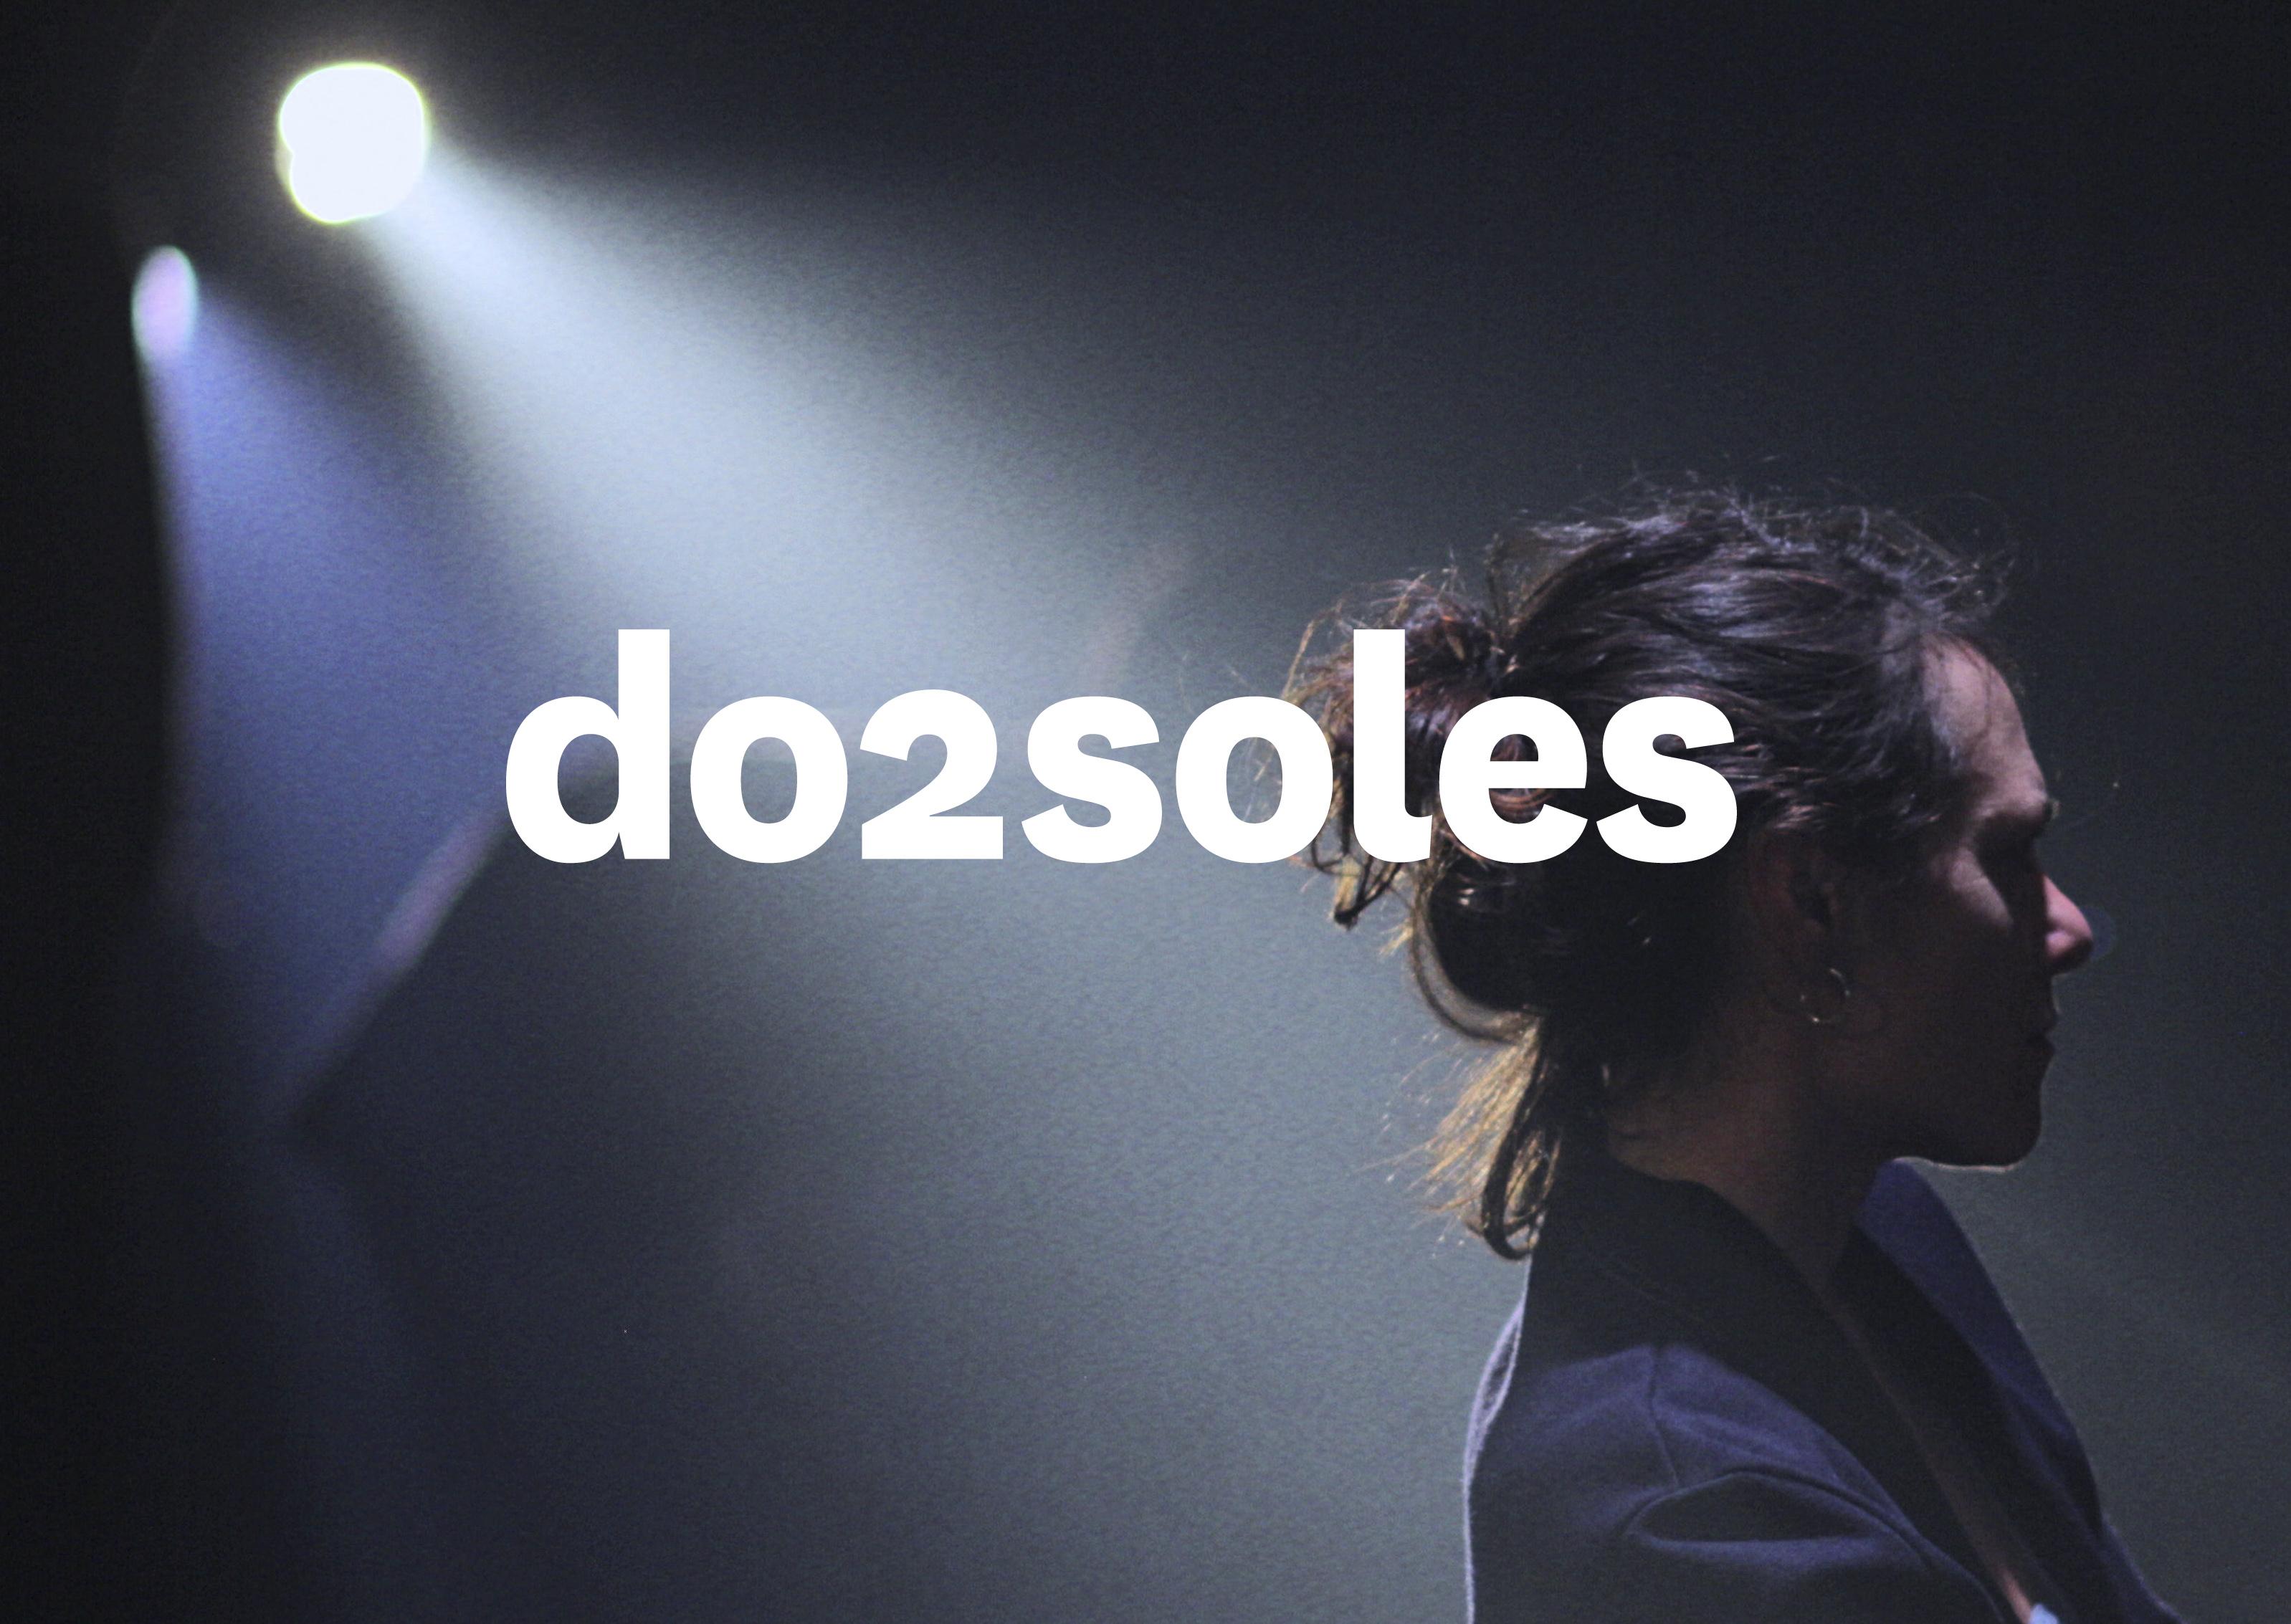 dos_soles_3.jpg